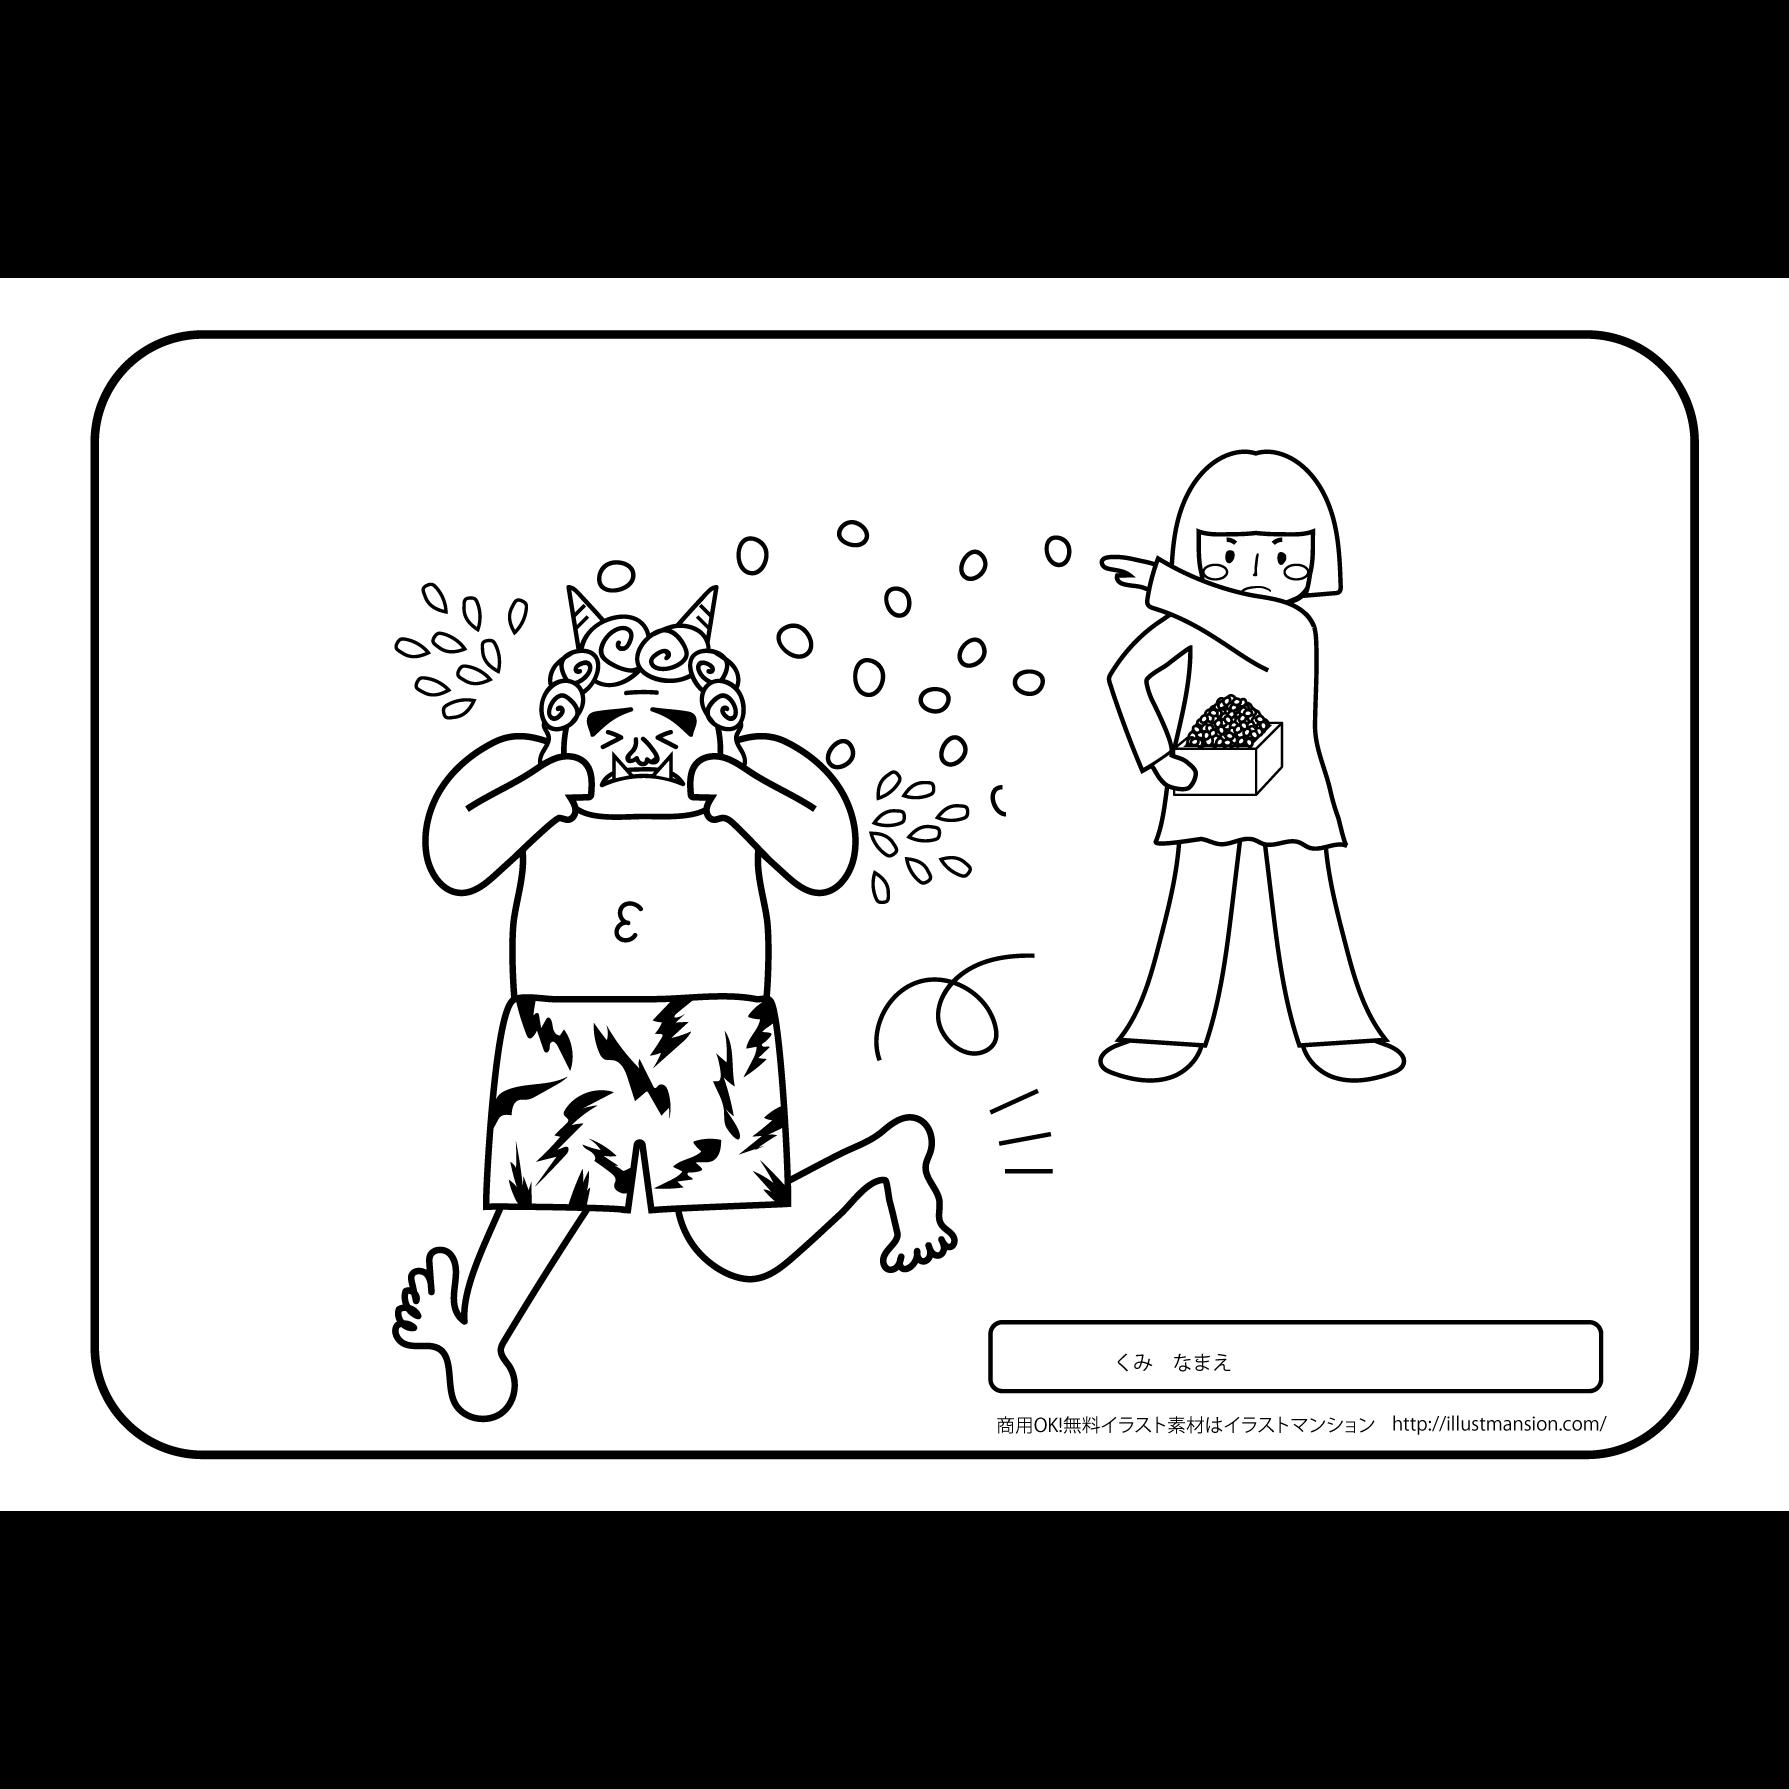 冬節分鬼と女の子の 塗り絵ぬりえの無料イラスト 商用フリー